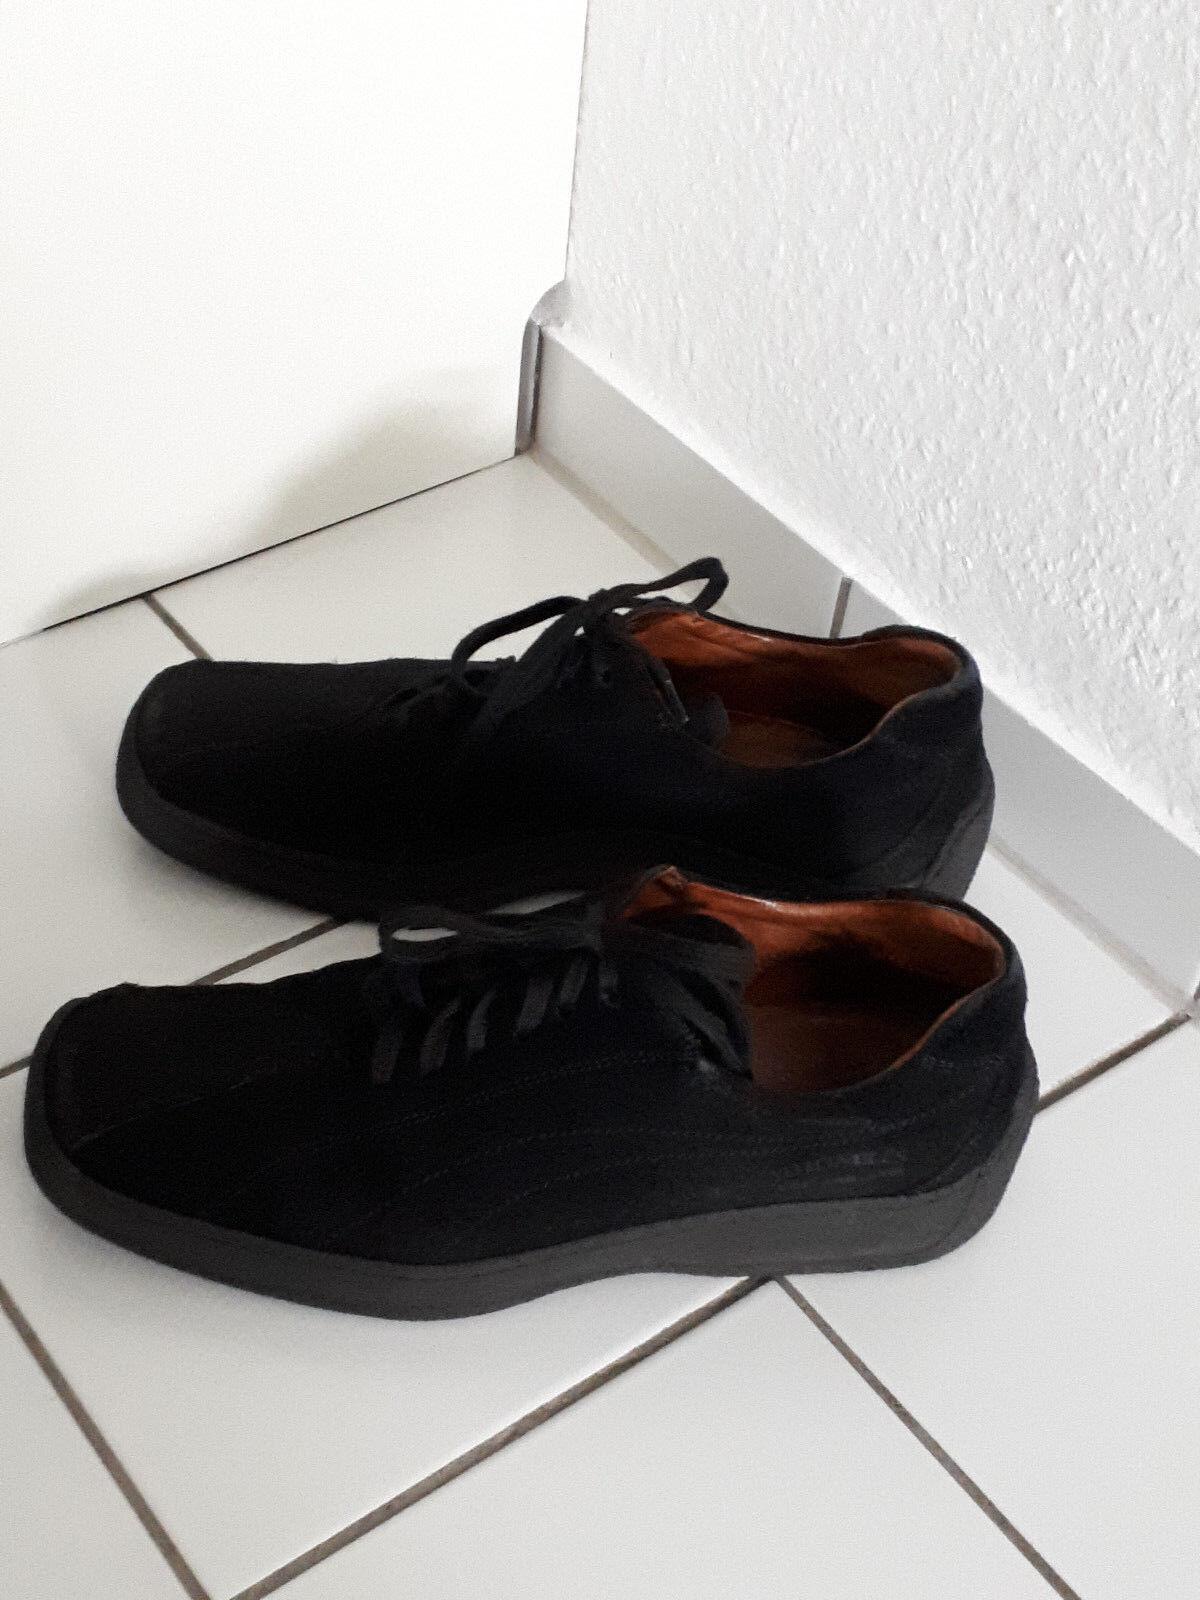 Herren schwarz. Schuhe  Gr.44, in schwarz. Herren sehr gut erhalten. c633bf